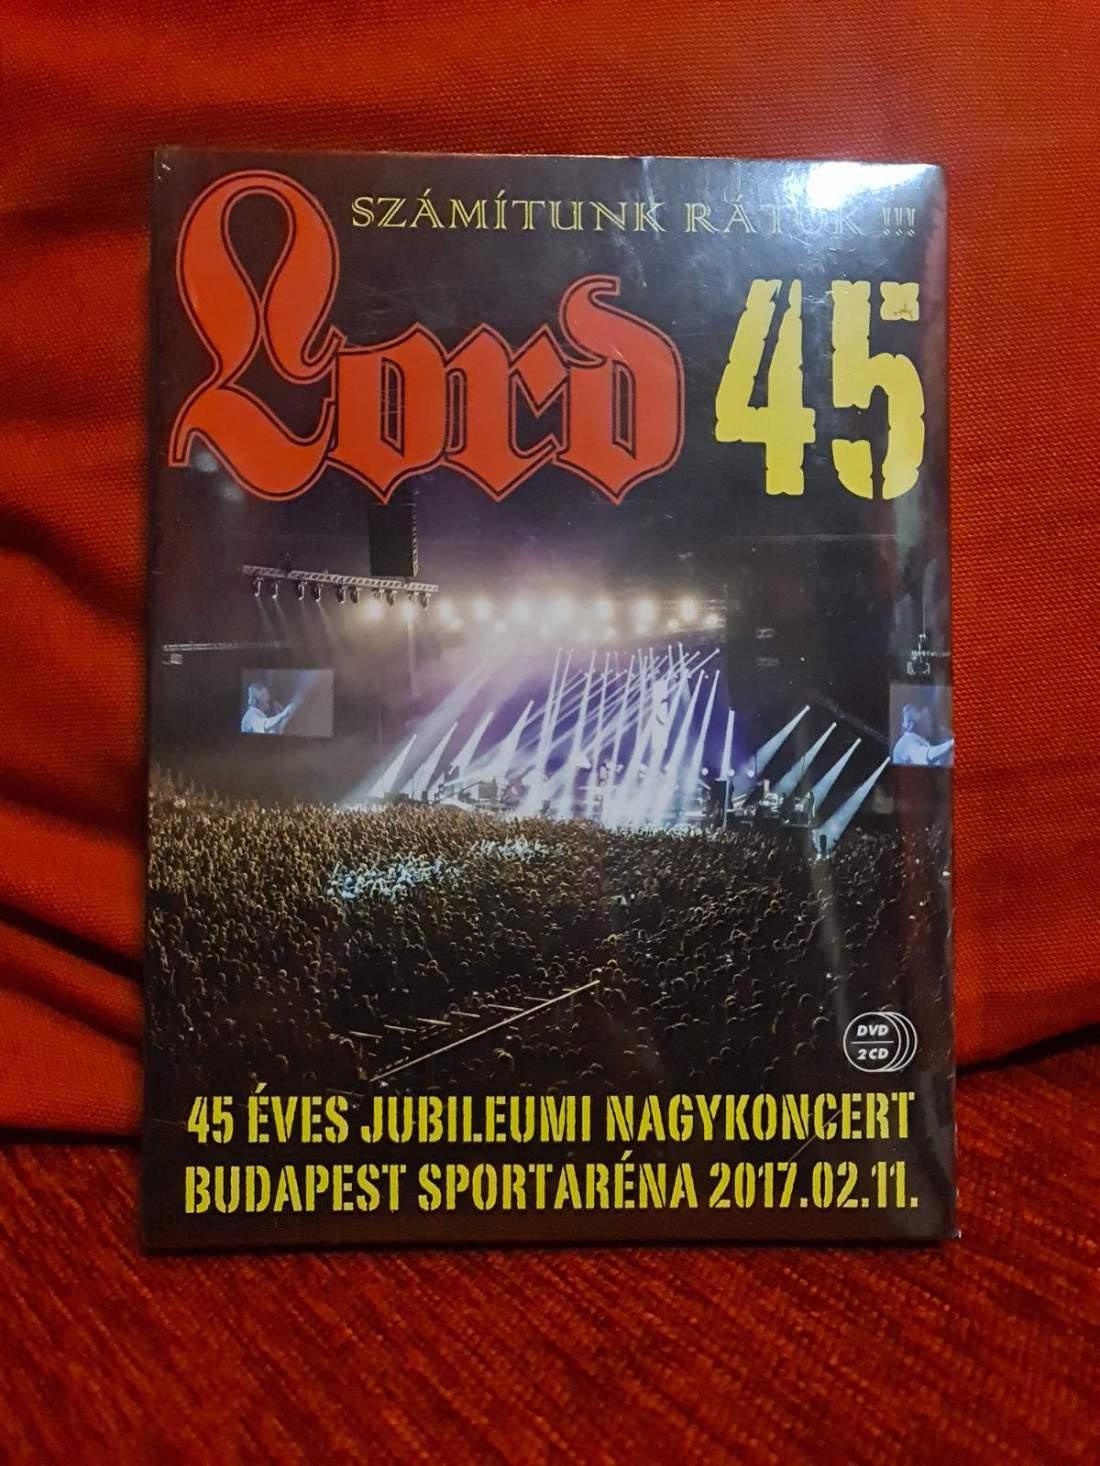 LORD 45 ARÉNA KONCERT - SZÁMÍTUNK RÁTOK DVD+2CD